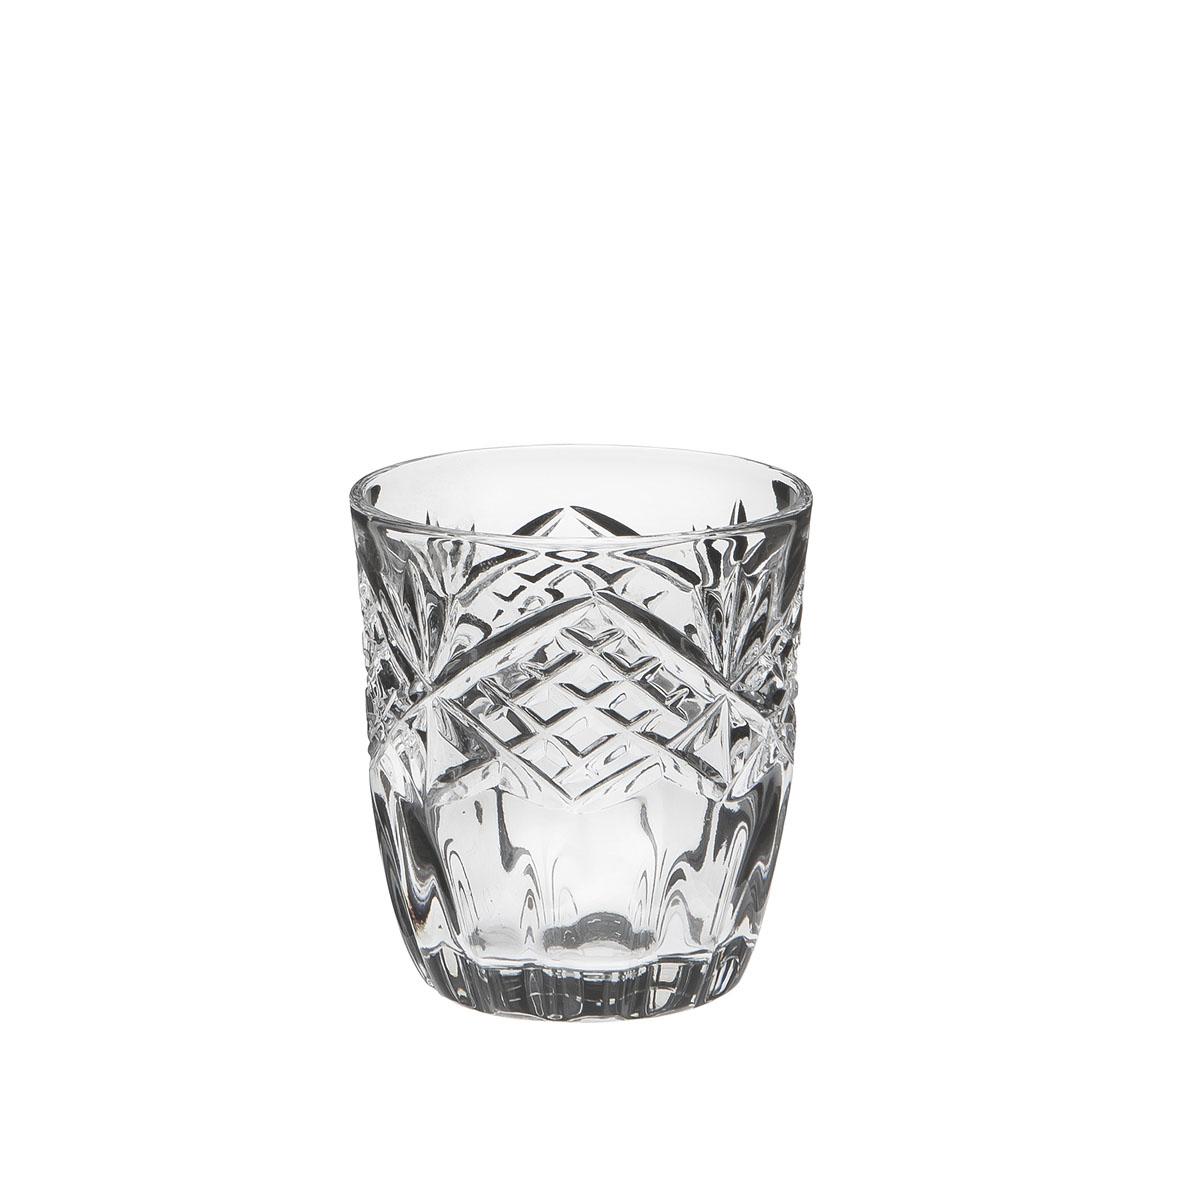 Стакан Дятьковский хрусталь Куст. Дуги, 65 мл. С/1VT-1520(SR)Хрустальные стаканы – красивое и простое решение для украшения праздничного стола. Стаканы из хрусталя универсальны, они подойдут и для алкогольных напитков – вина, шампанского, и для освежающих – минеральной воды, компота или сока. Если в вашей домашней коллекции еще нет предметов хрустальной посуды, купить хрустальные стаканы стоит обязательно.